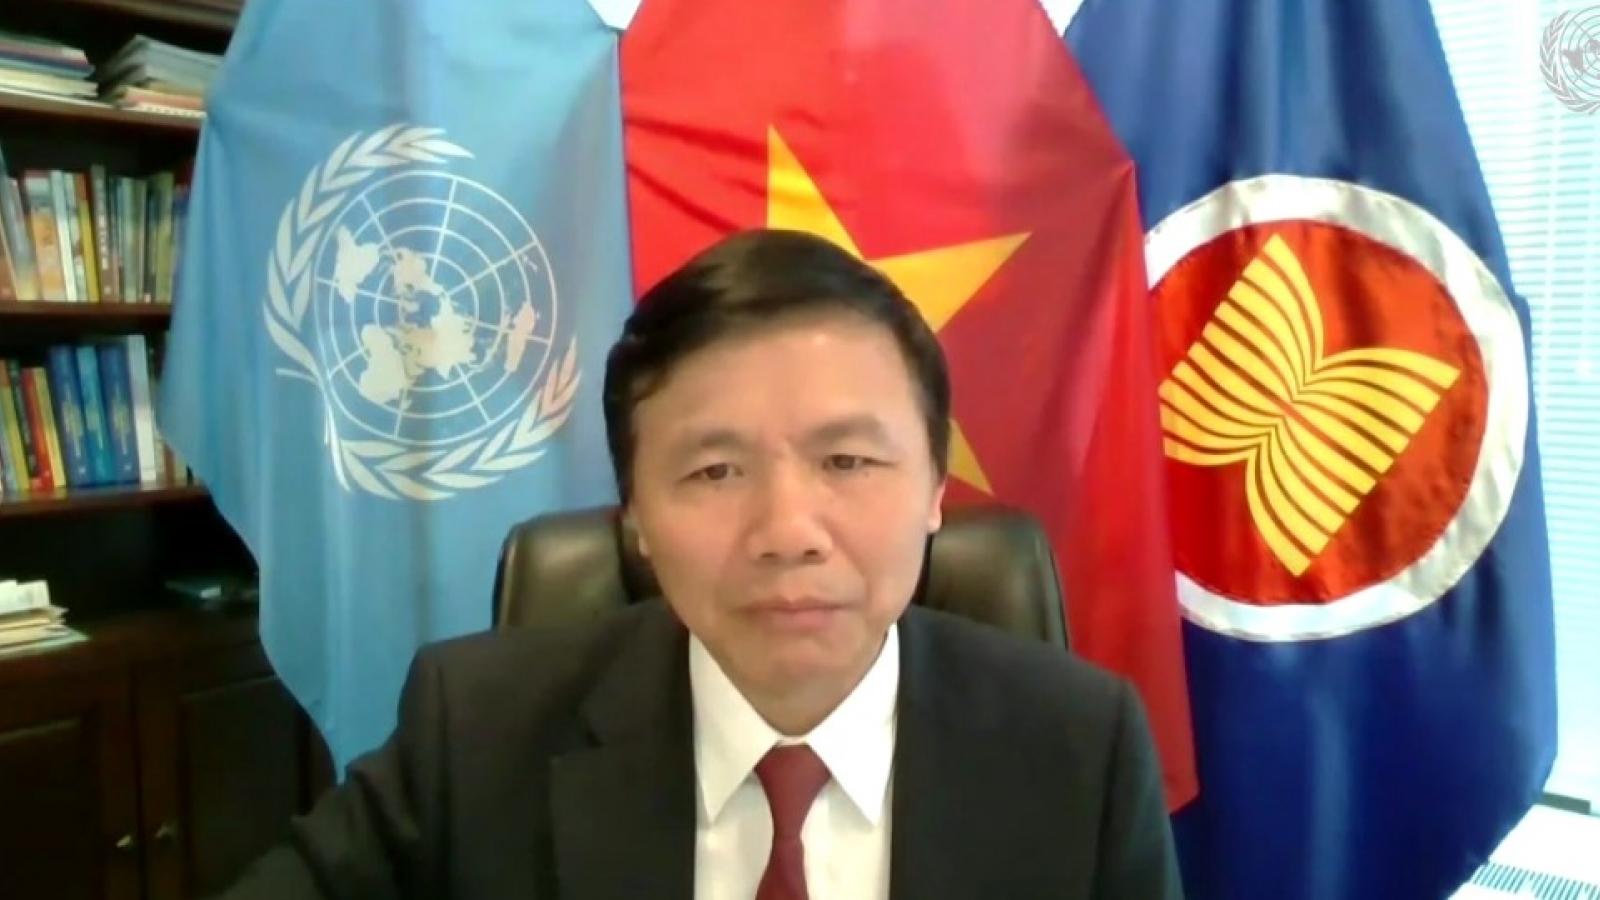 Việt Nam kêu gọi các bên kiềm chế tránh gây leo thang căng thẳng tại khu vực Tây Sahara